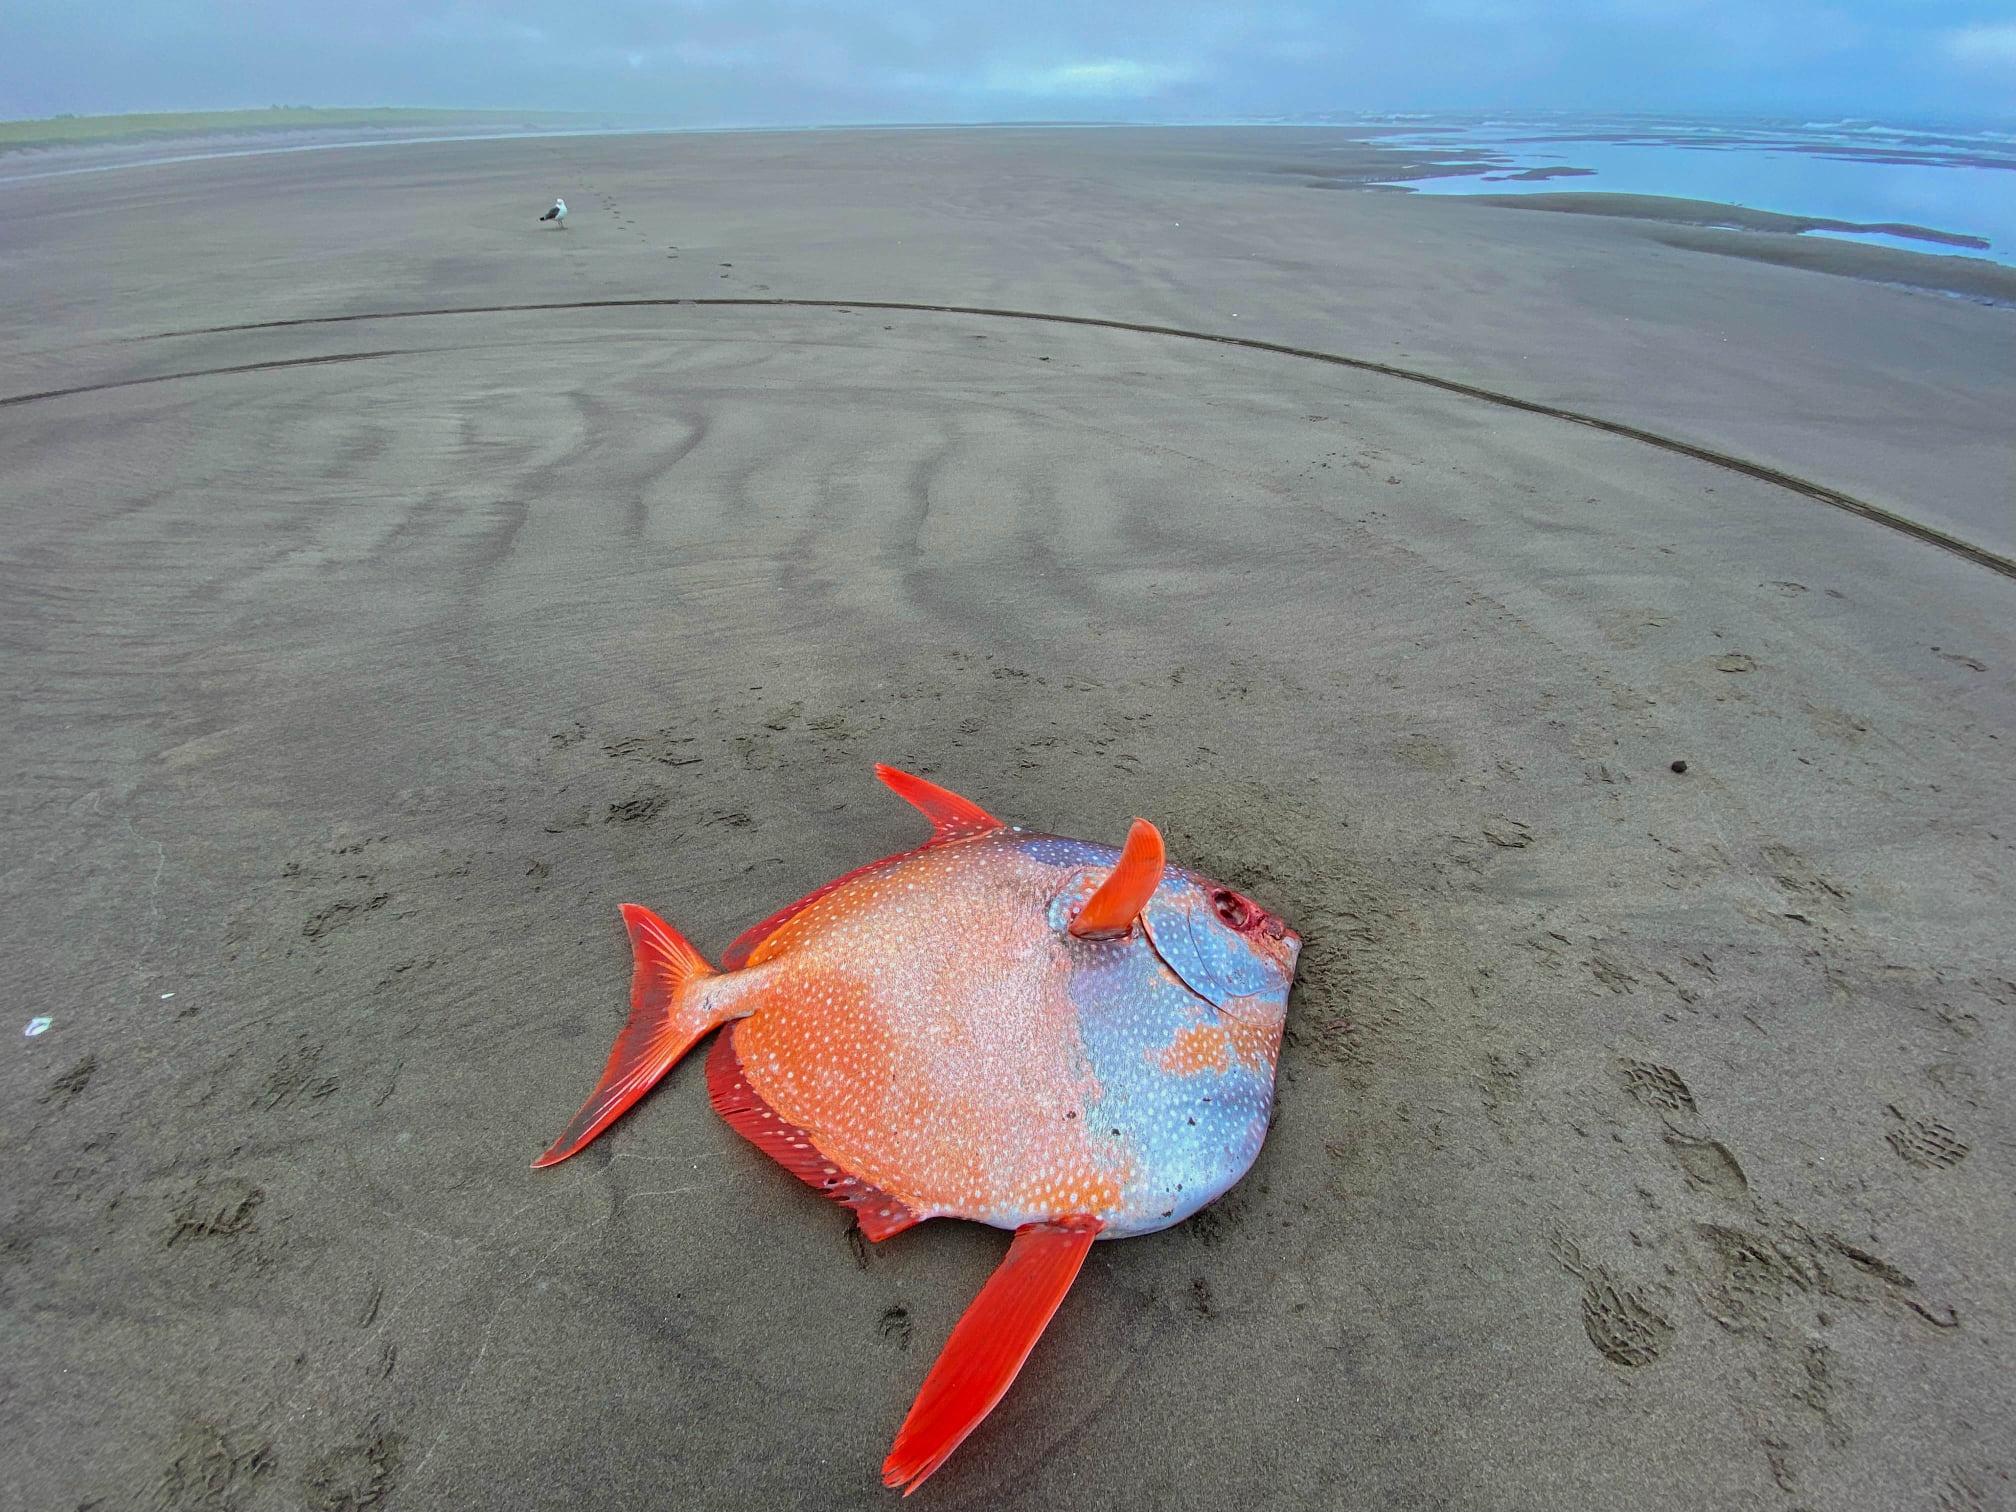 Cận cảnh chú cá mặt trăng khổng lồ dạt vào bờ biển tại Mỹ